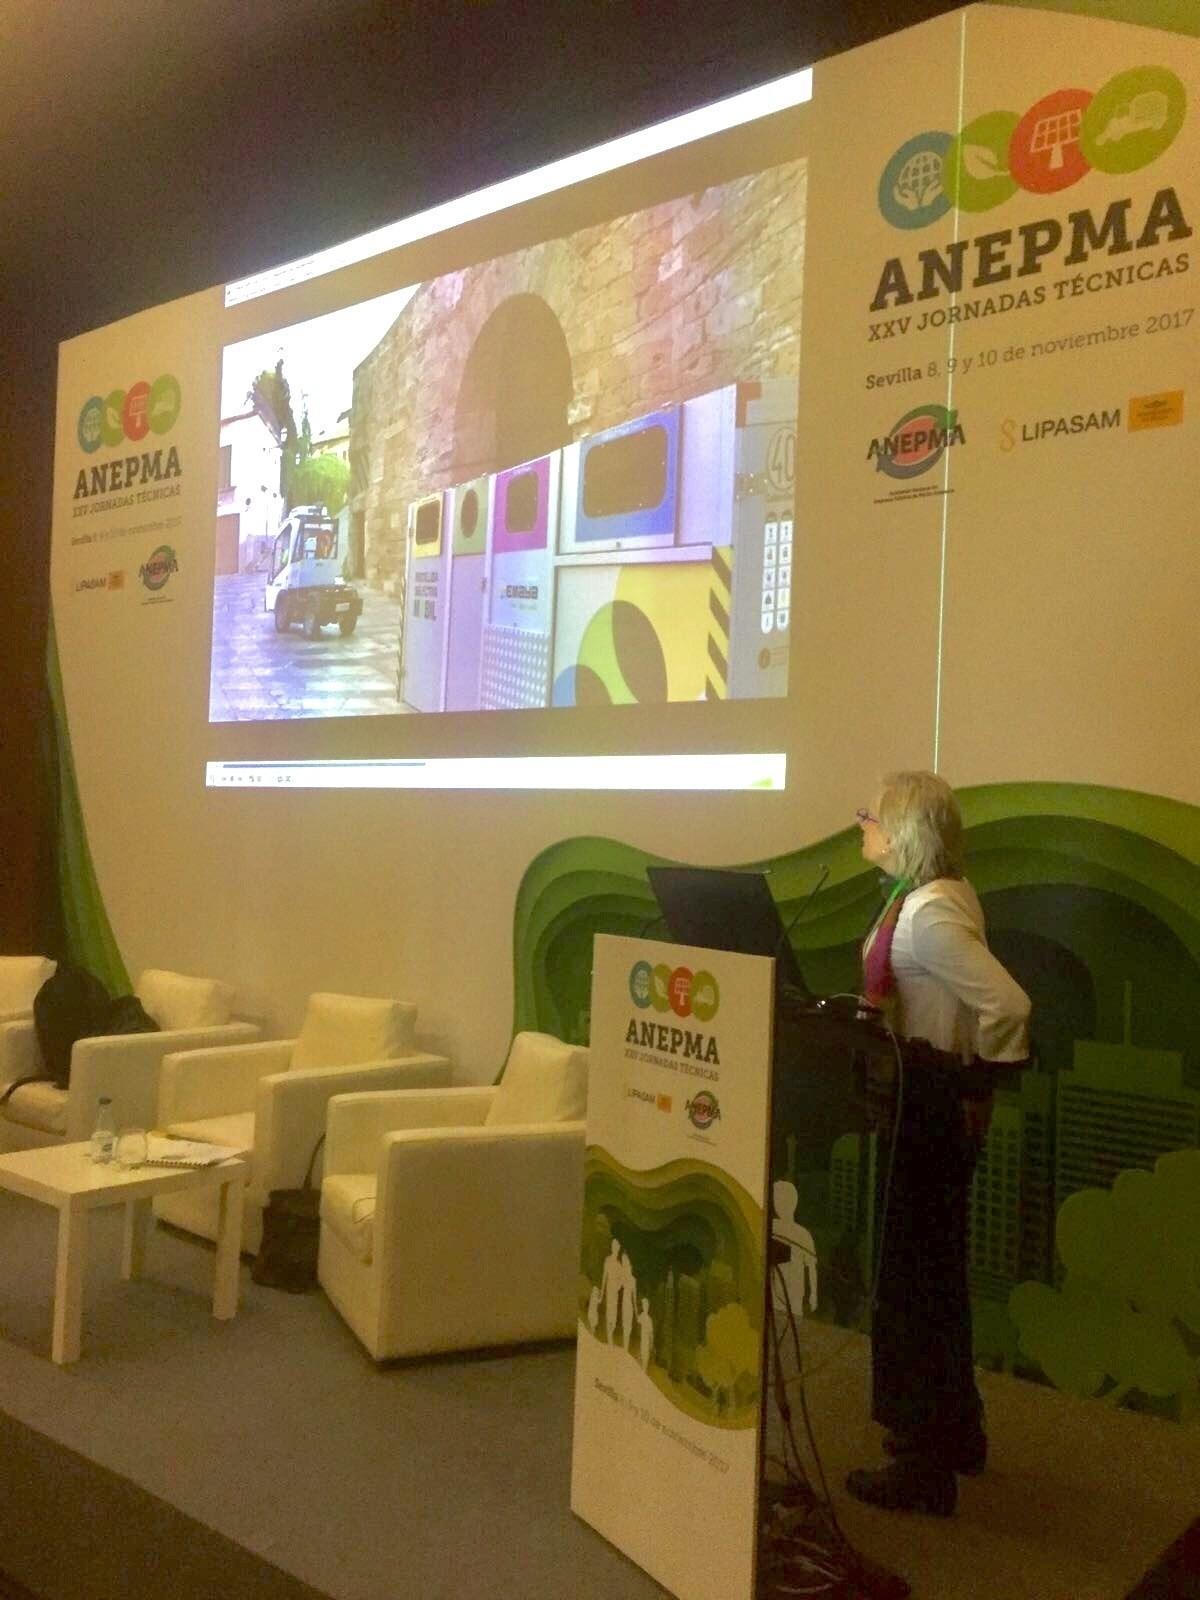 Emaya expone la experiencia de Recogida Selectiva Móvil del centro de Palma en las XXV Jornadas Técnicas de ANEPMA